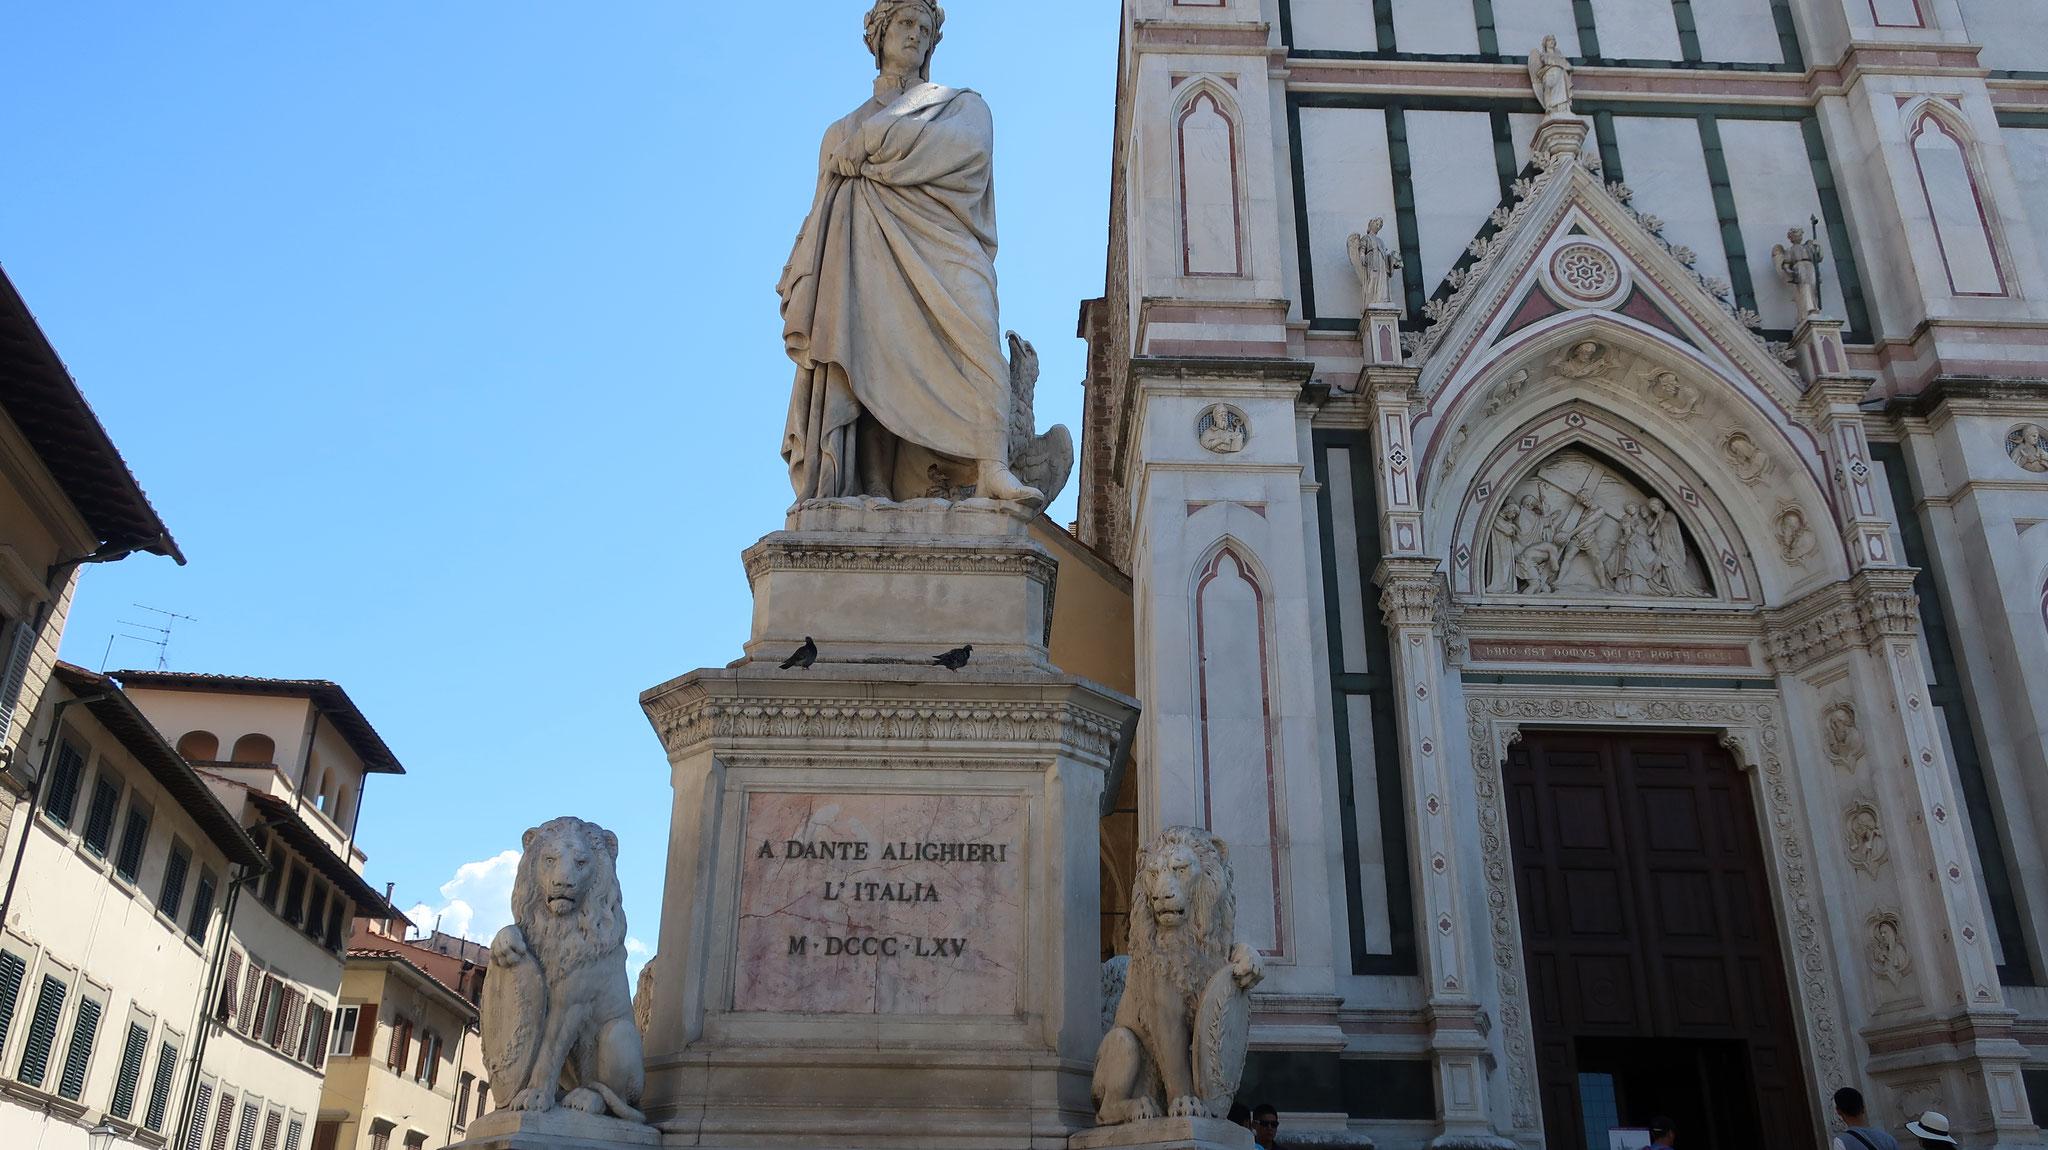 ダンテ・アリゲリ。フィレンツェ出身、 「神曲」の著者。